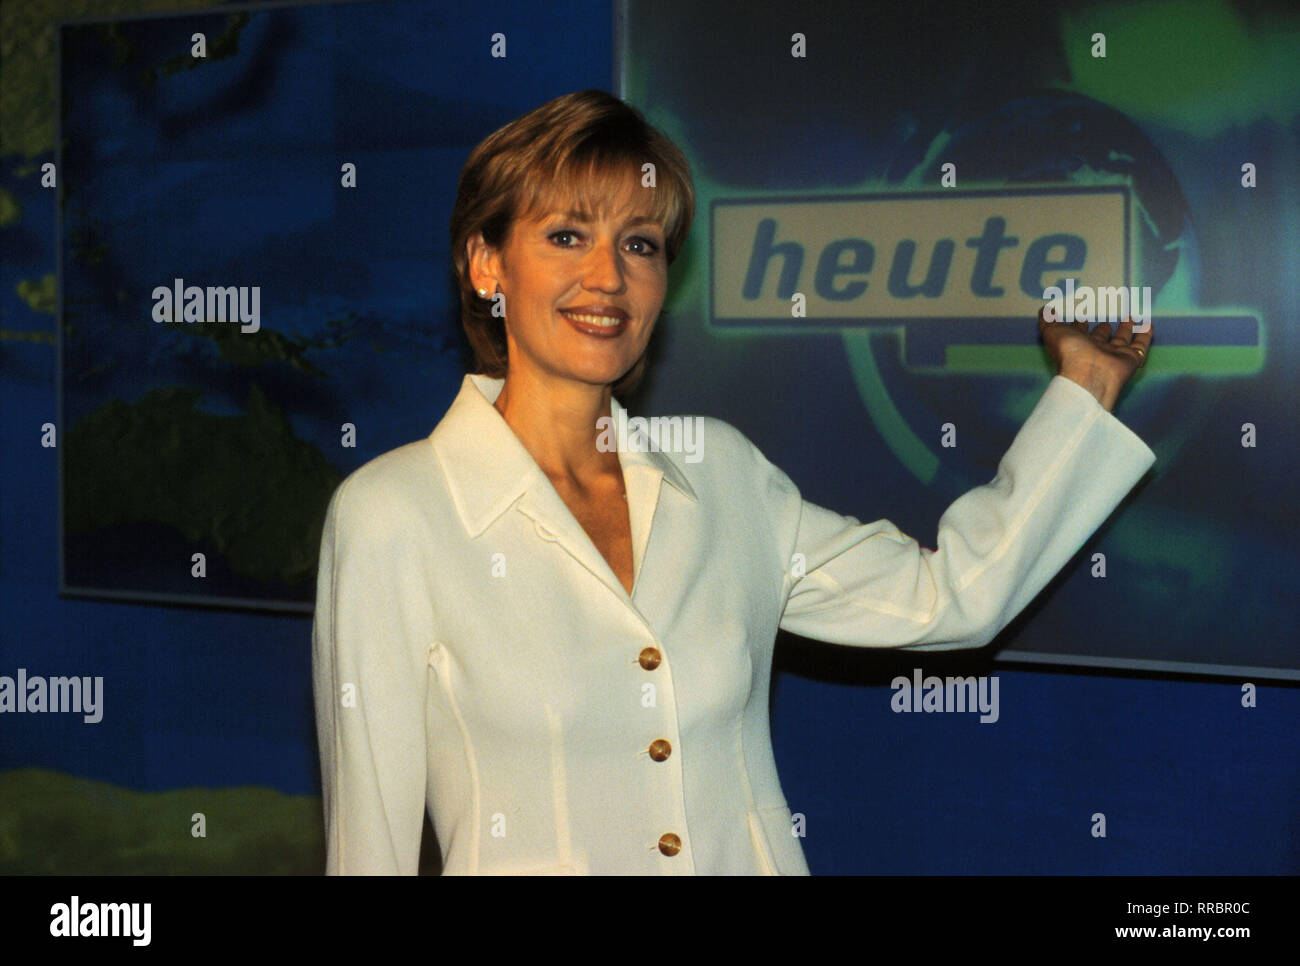 Die ZDF-Haupt-Nachrichten erscheinen im neuen Kleid. Die Moderatorin:  / PETRA GERSTER / Überschrift: HEUTE - Stock Image